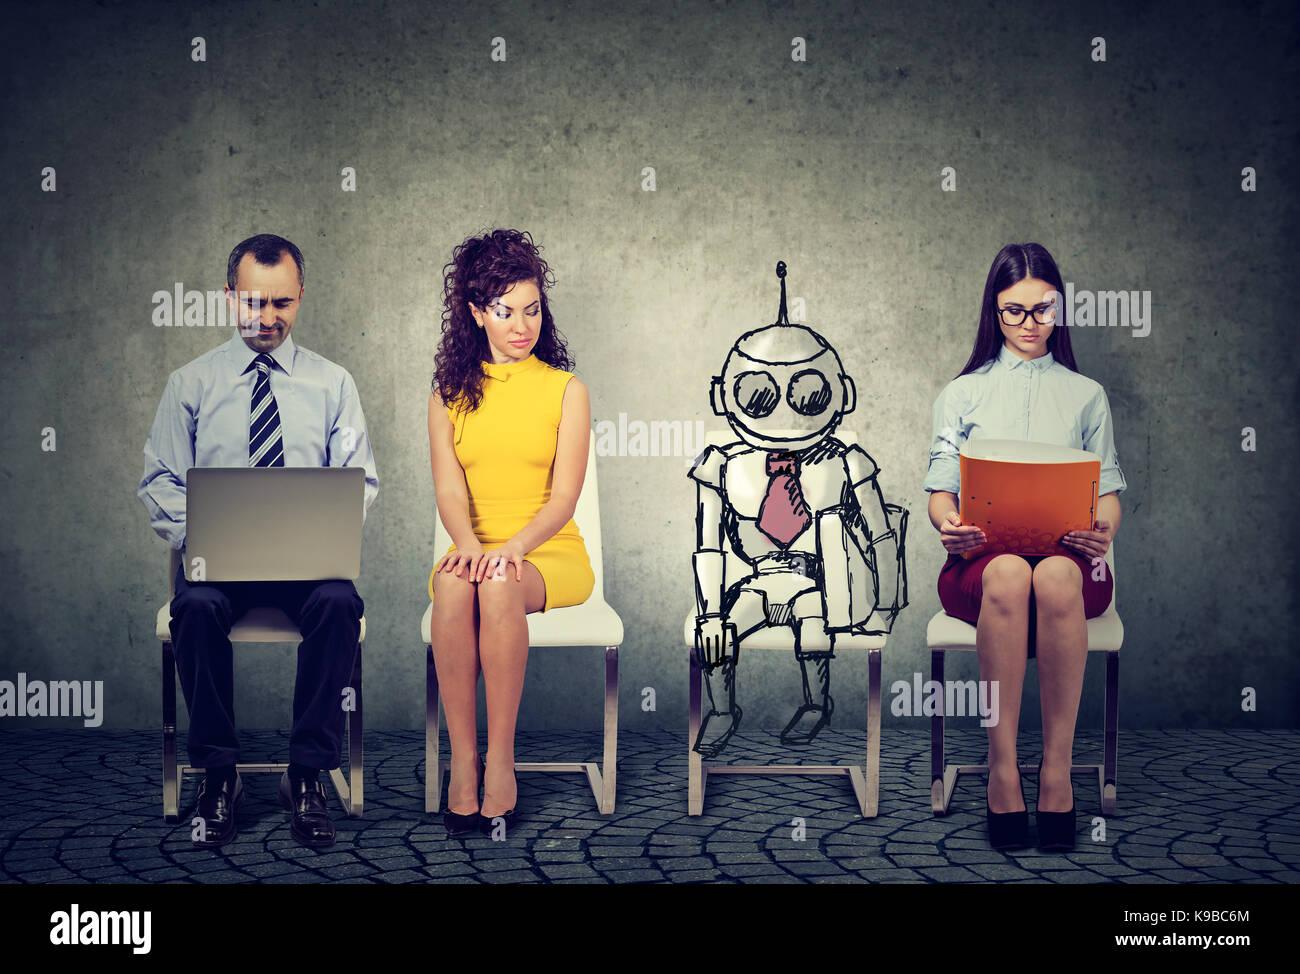 Robot dessin animé assis en ligne avec les candidats pour une entrevue d'emploi Photo Stock